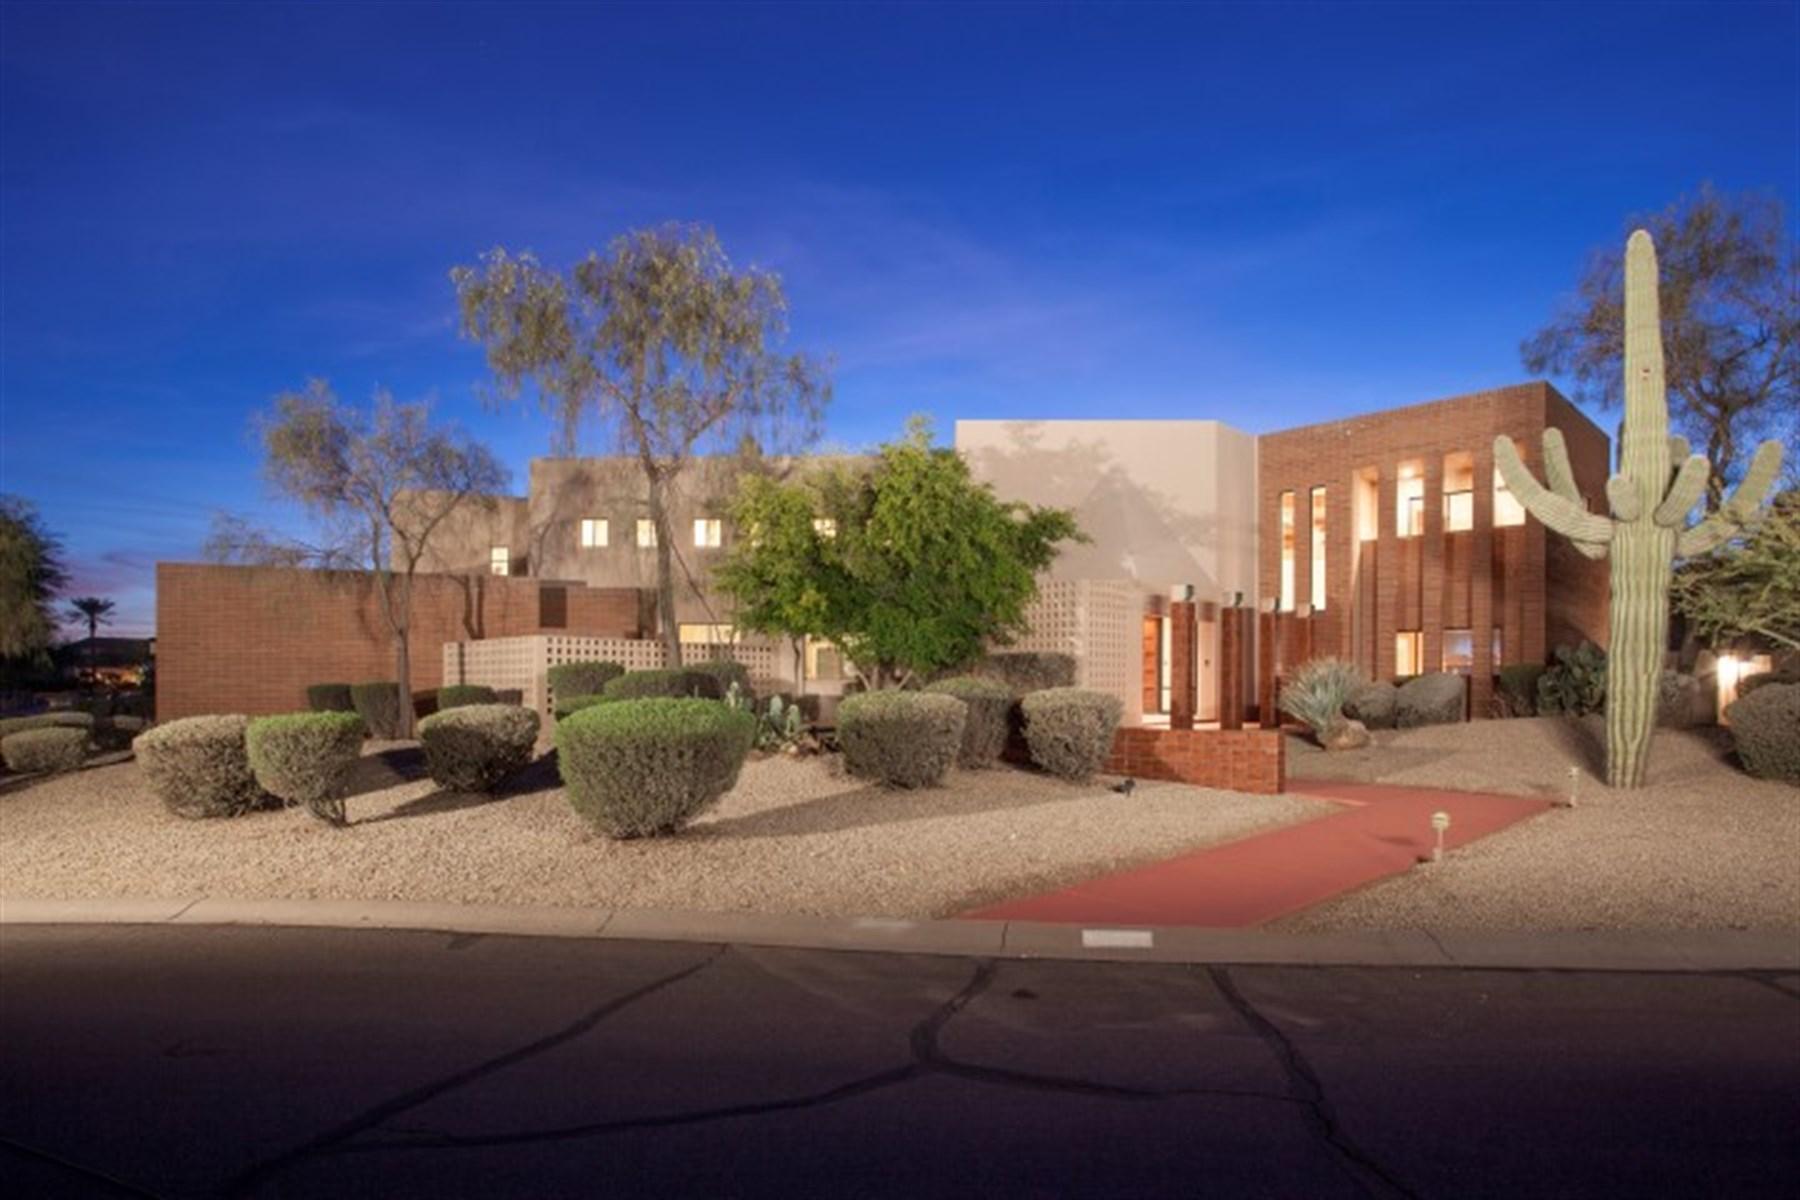 단독 가정 주택 용 매매 에 One of its kind and designed by award winning architect Fred Linn Osmon. 3305 E CHEROKEE ST Phoenix, 아리조나 85044 미국